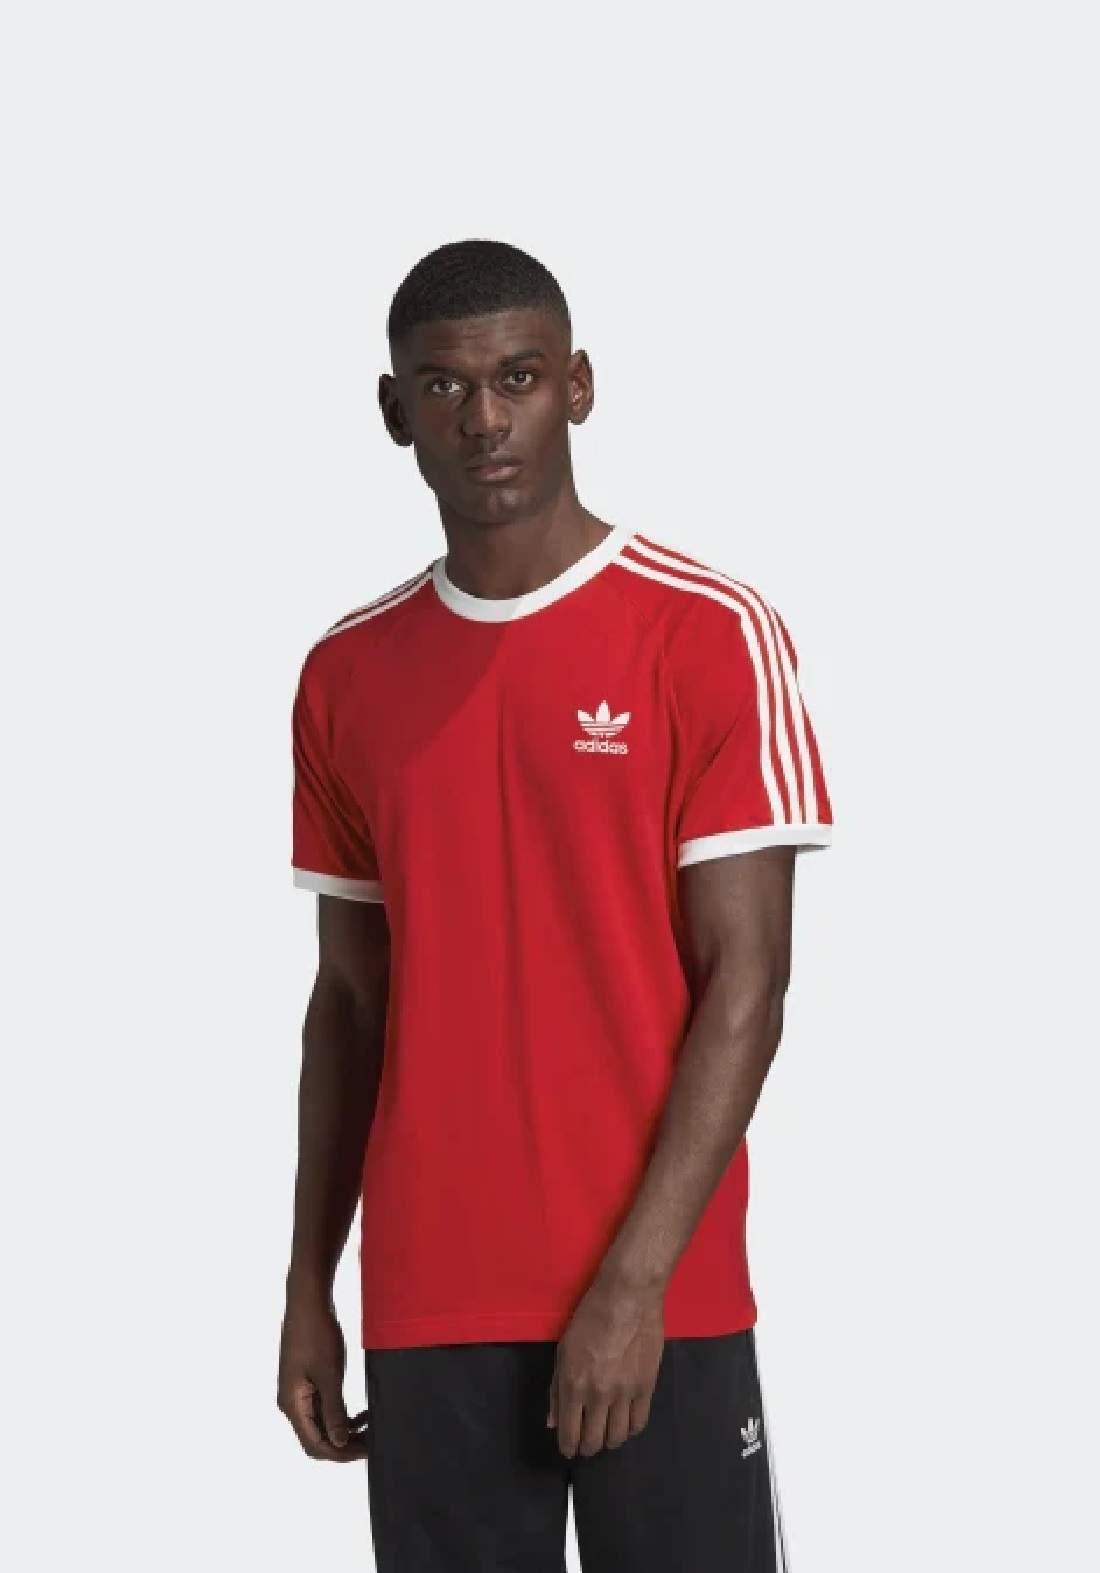 Adidas تيشيرت رجالي احمر اللون من